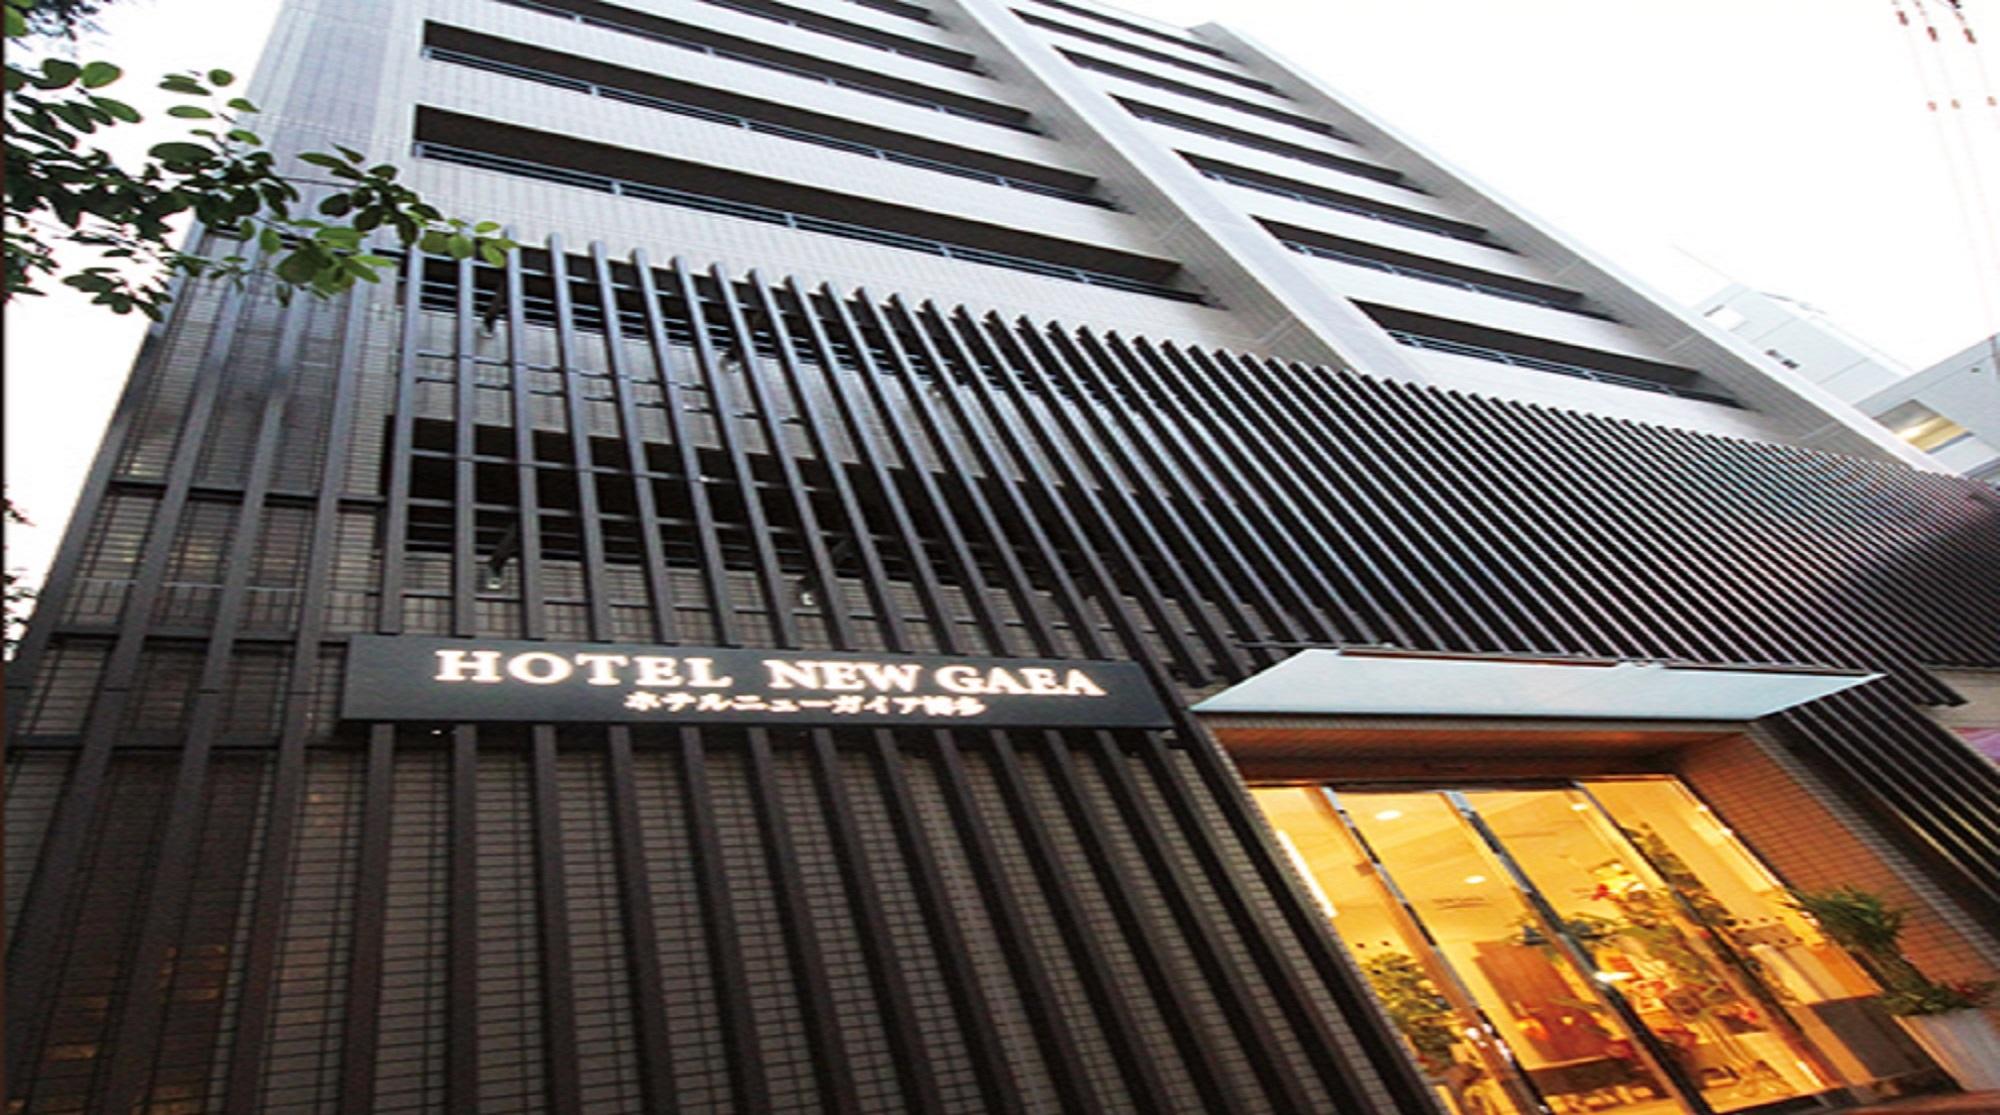 ホテル ニュー ガイア 博多◆楽天トラベル